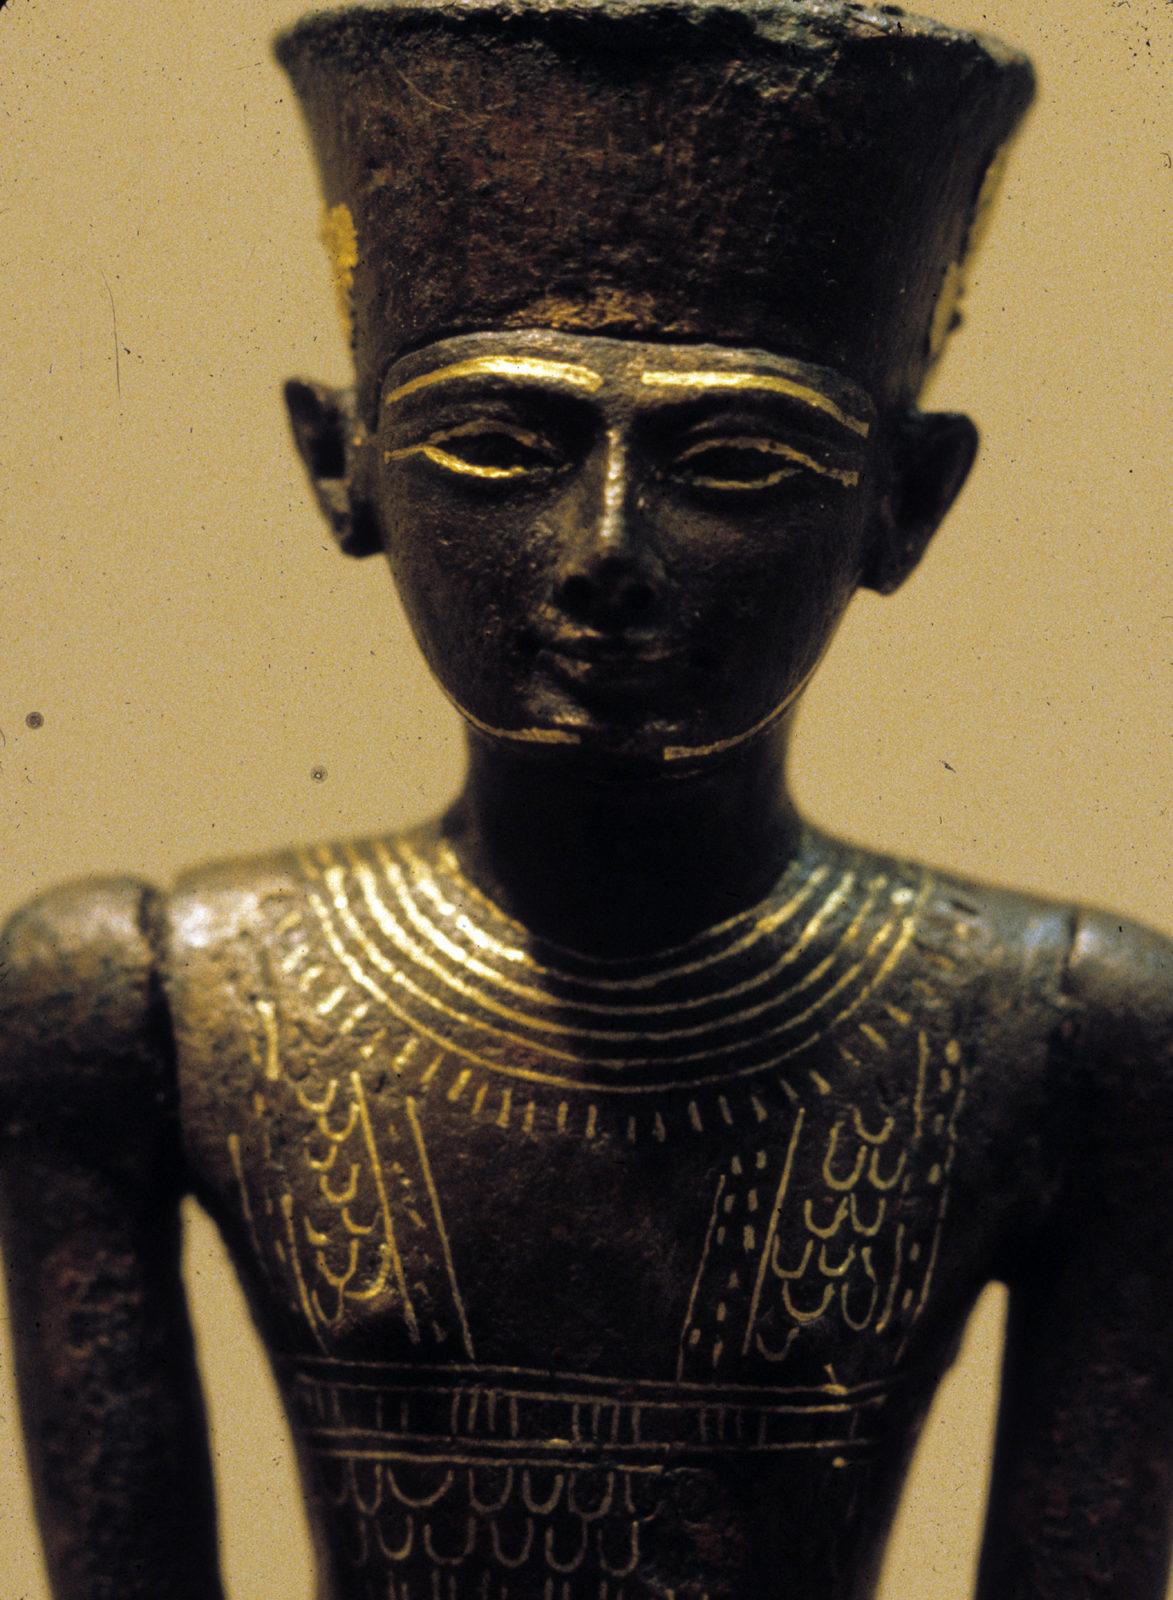 Amun god of Egypt - Part 2